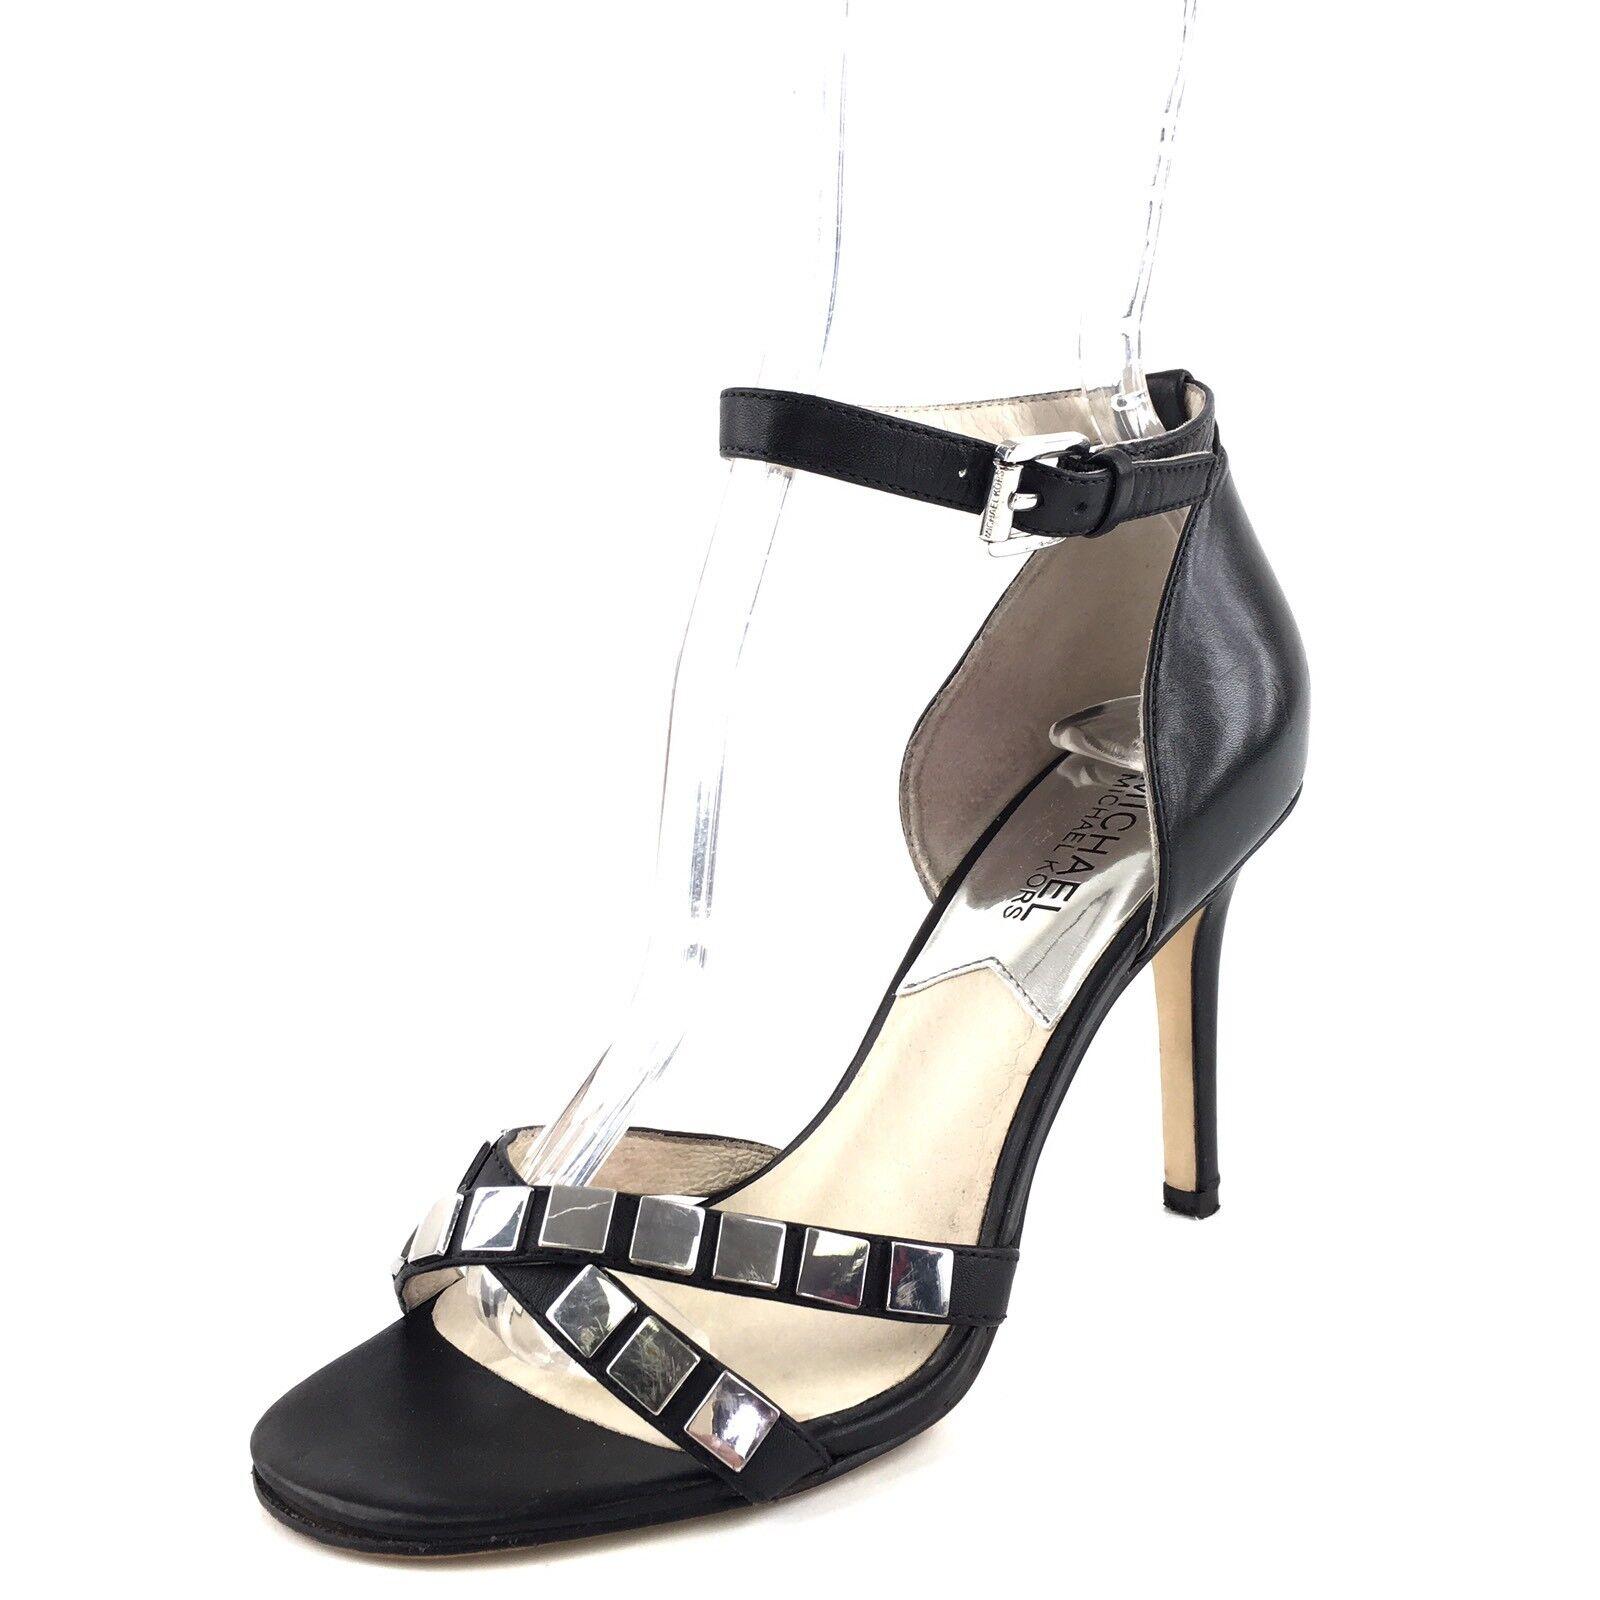 Michael Kors Simone Black Leather Ankle Strap Sandals Women's Size 6 M*